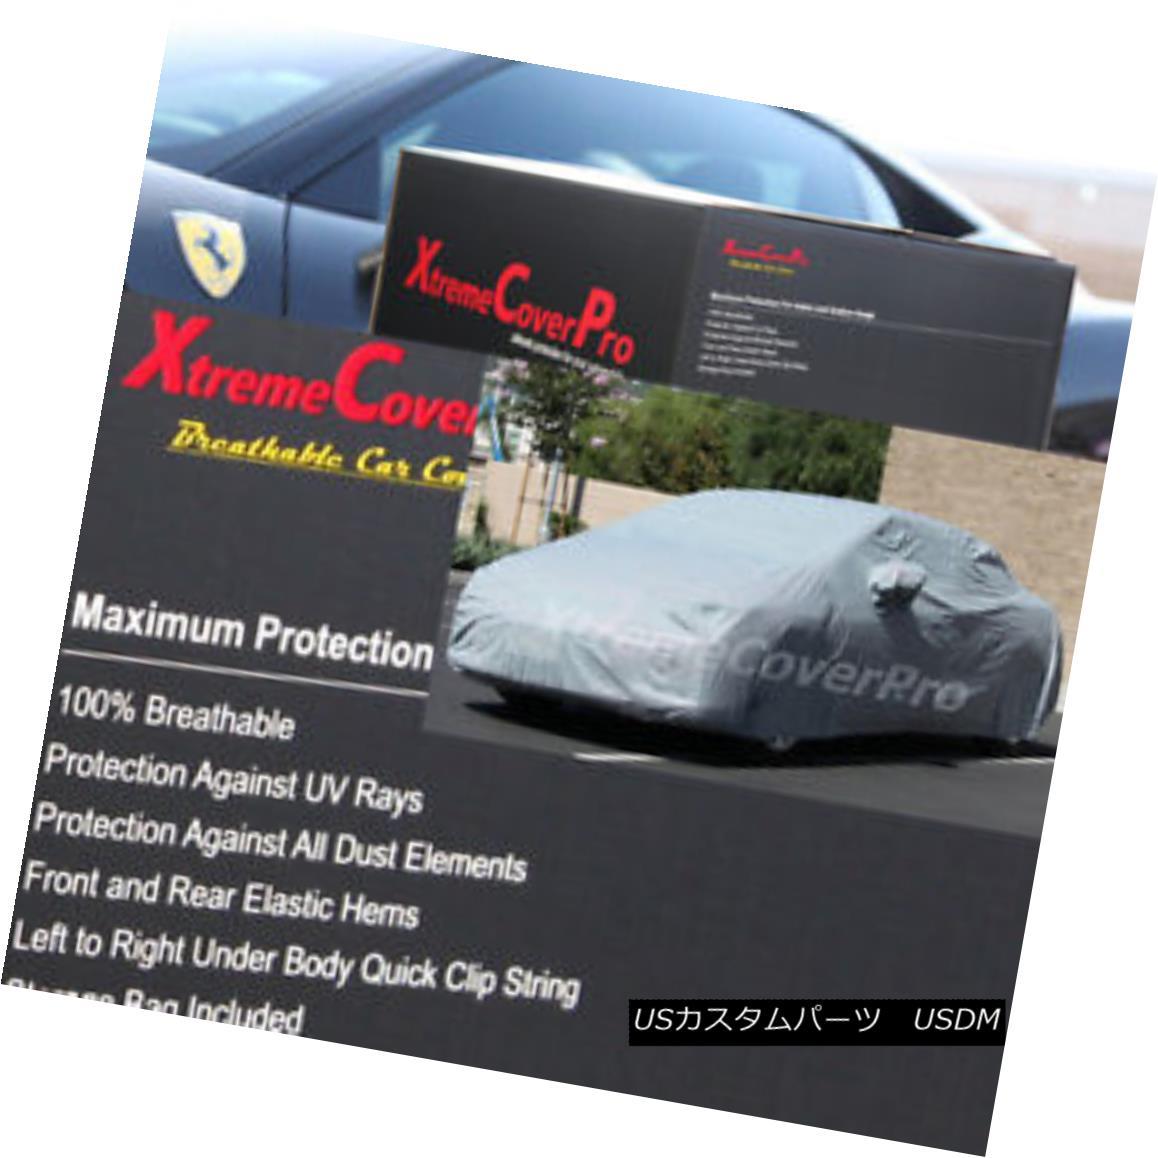 カーカバー 2006 2007 2008 2009 2010 Lexus SC430 Breathable Car Cover w/MirrorPocket 2006年2007年2008年2009年2010年Lexus SC430通気性車カバー付き/ MirrorPocket